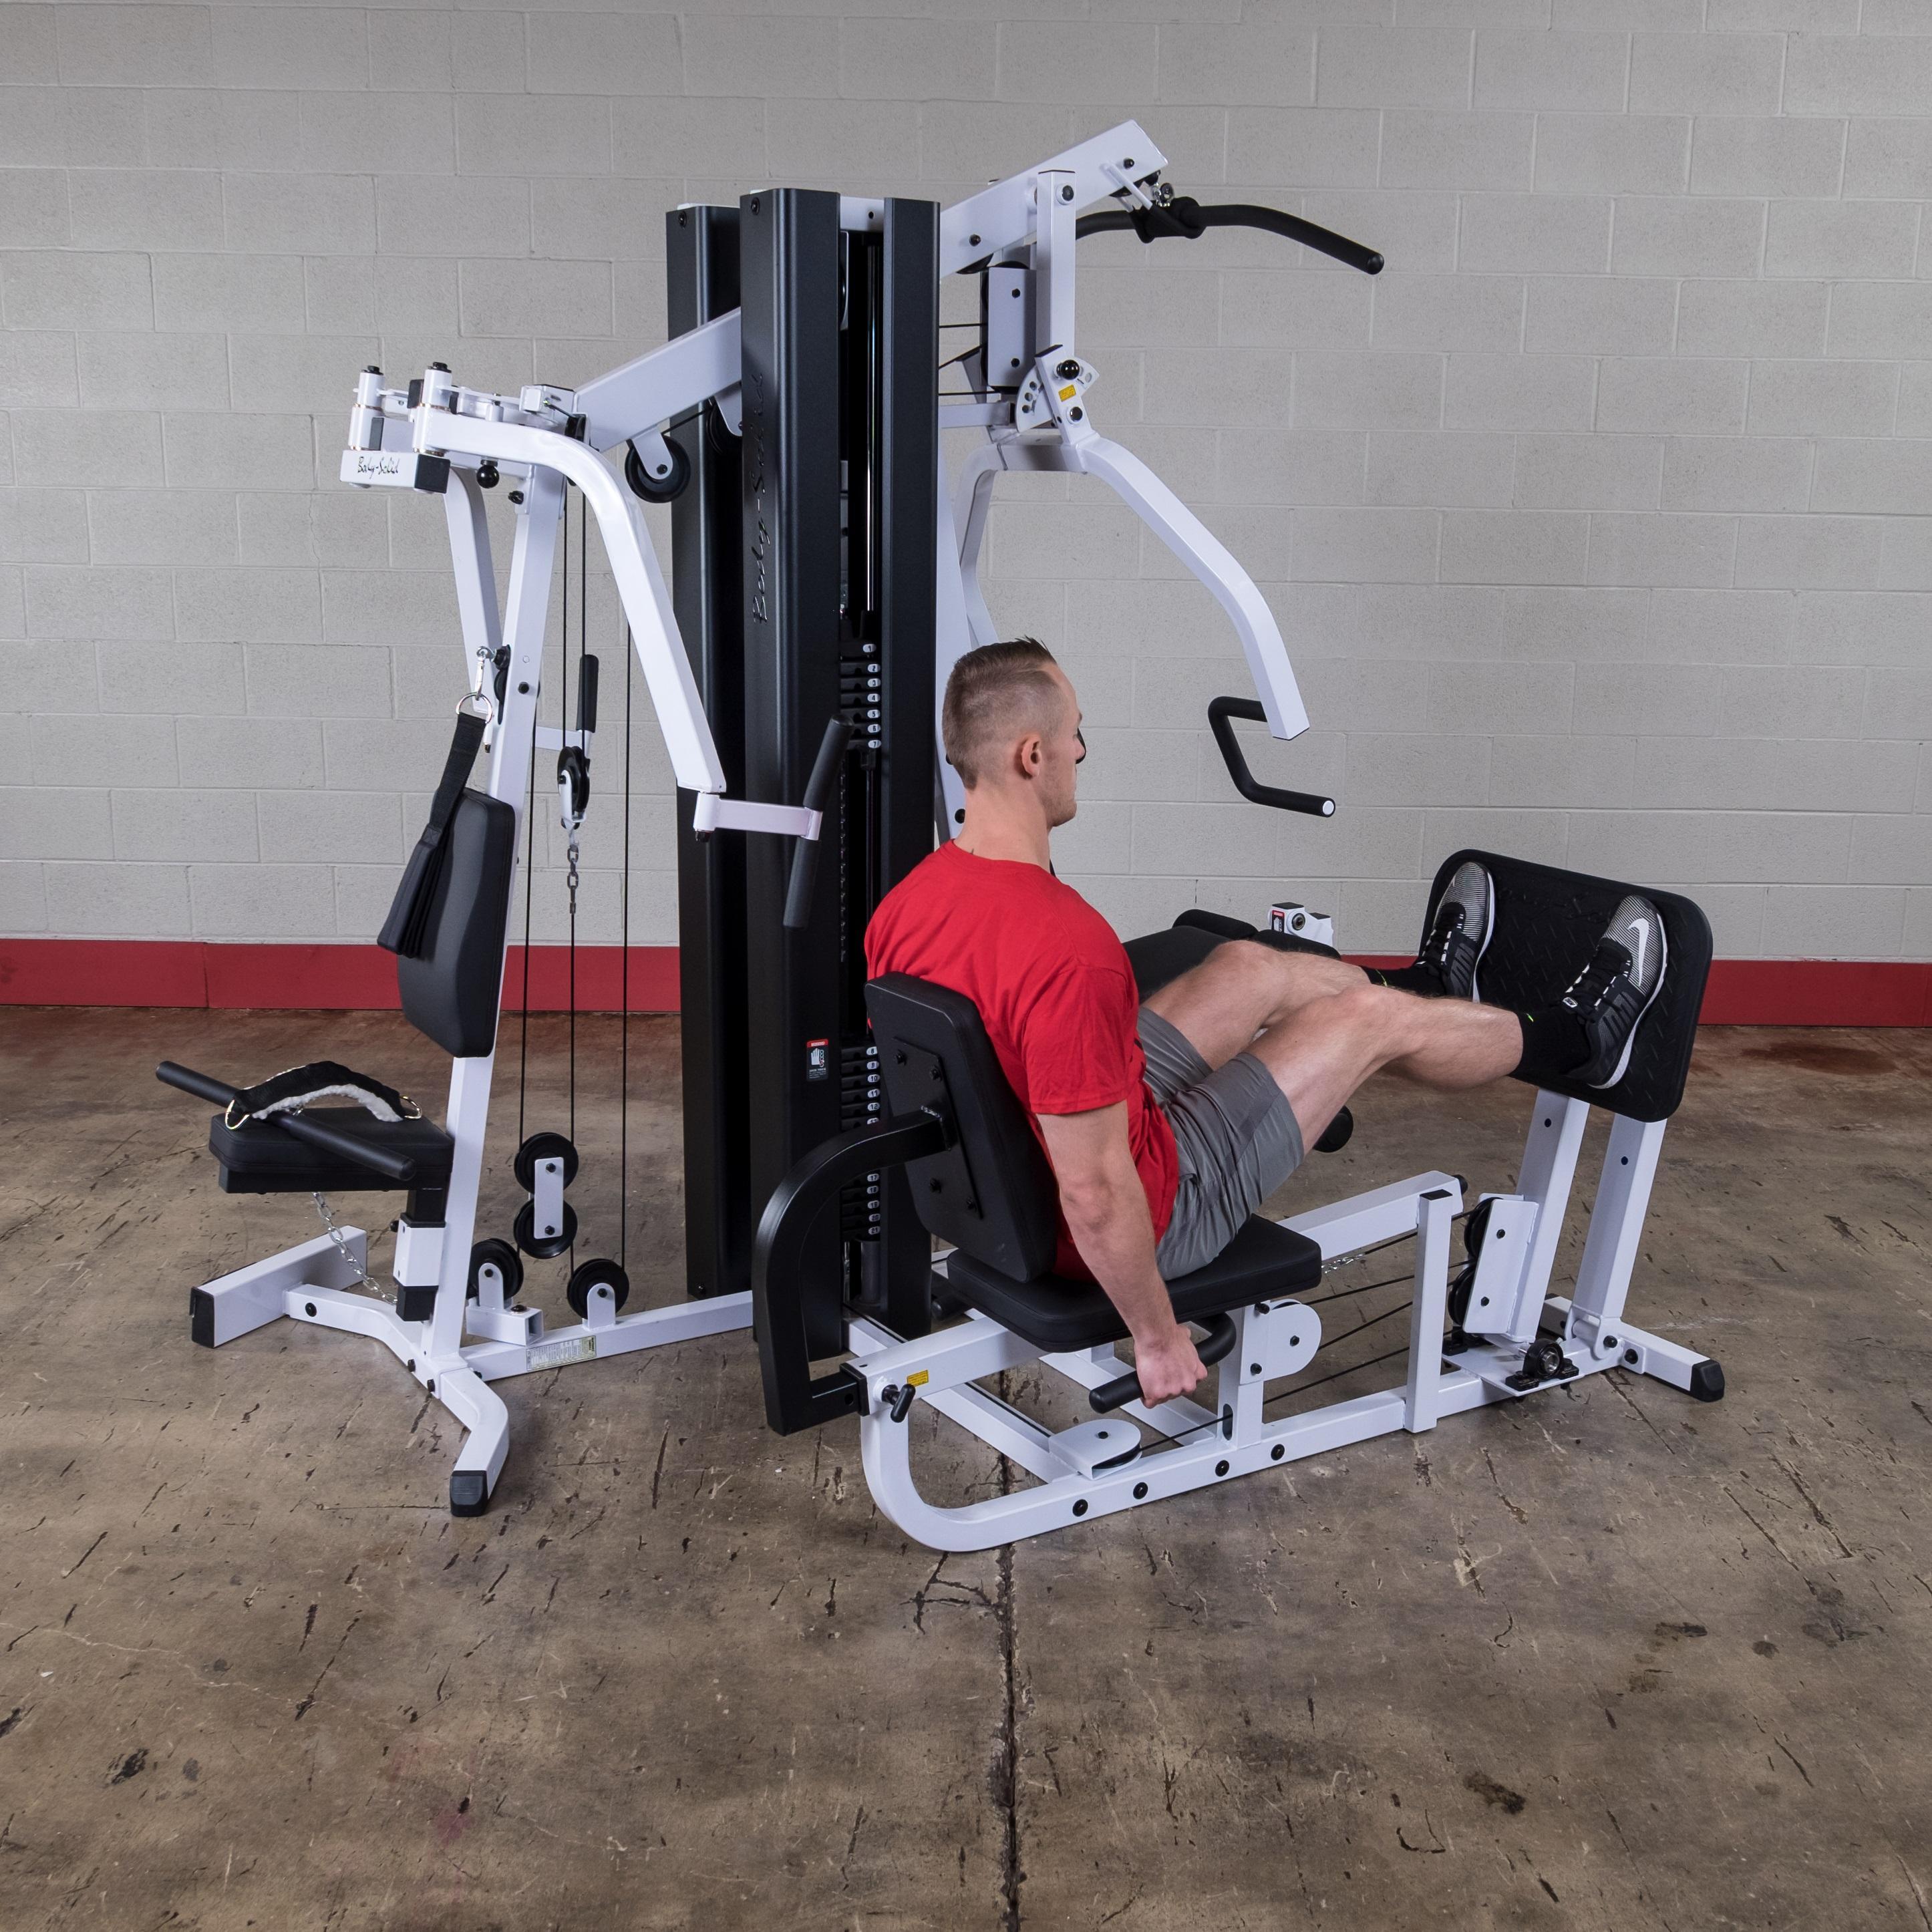 Exm3000lps Gym System: Amazon.com : Body-Solid EXM3000LPS Light Commercial Gym